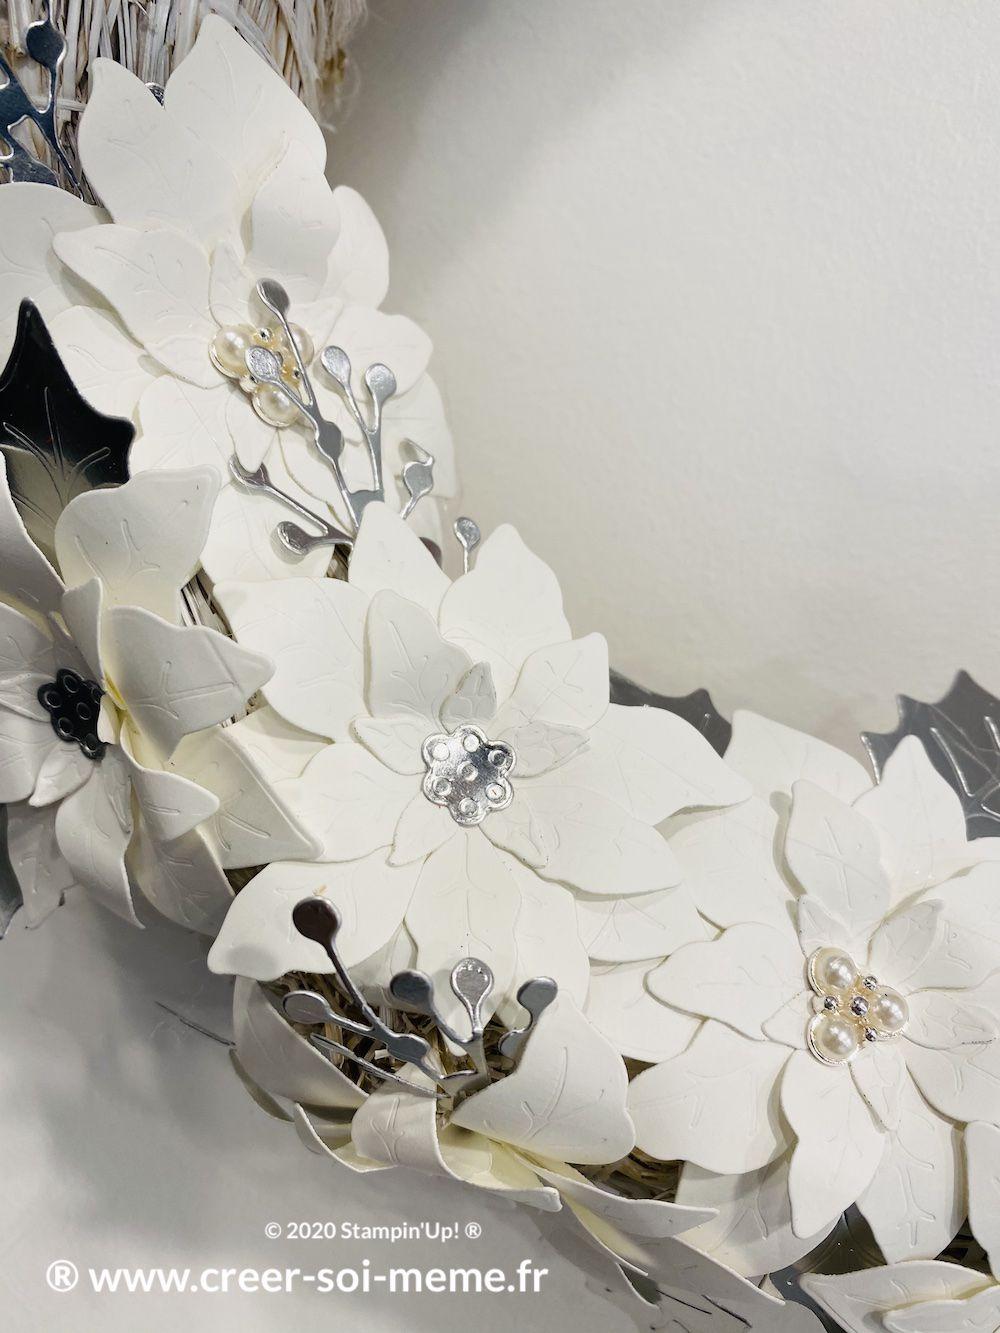 flocons de perles stampin up trio de perles loisirs créatifs décoration de noel pont audemer rouen saint etienne du rouvray colmar strasbourg lille